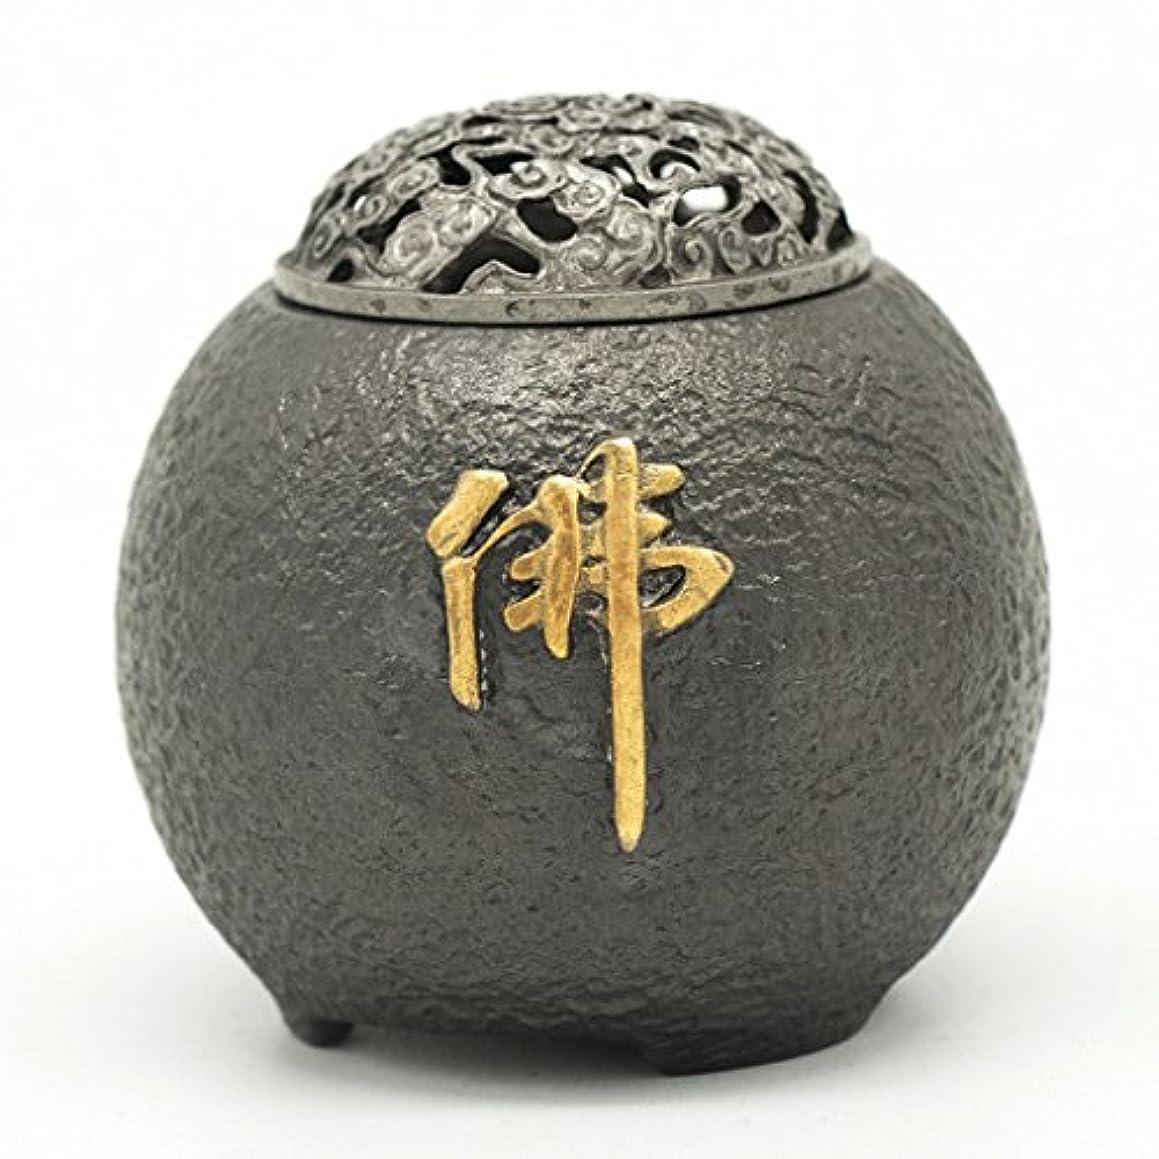 クマノミ件名息苦しい(ラシューバー) Lasuiveur 陶磁器 香炉 香立て 線香立て お香立て